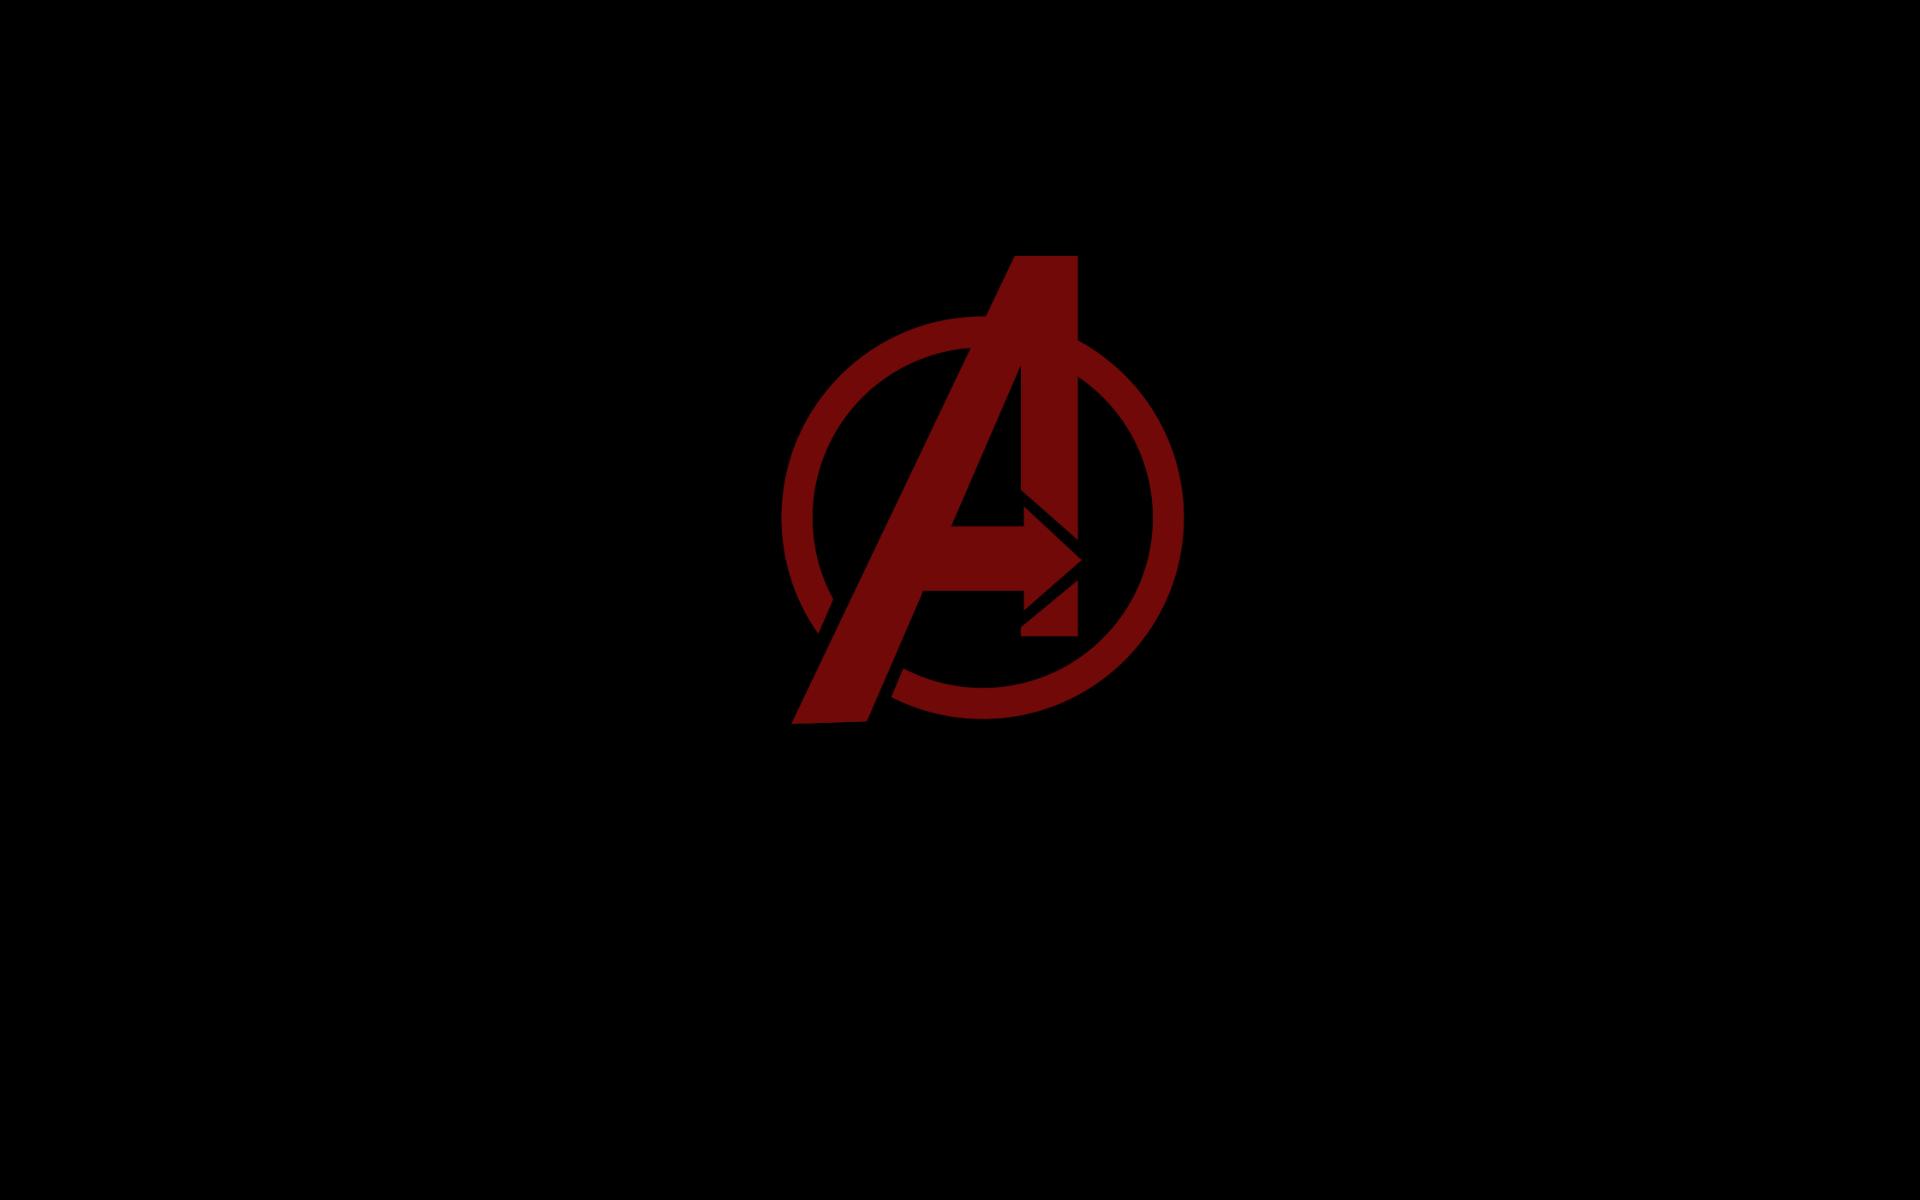 Cars The Movie Christmas Wallpaper Logo Avengers Wallpapers Pixelstalk Net